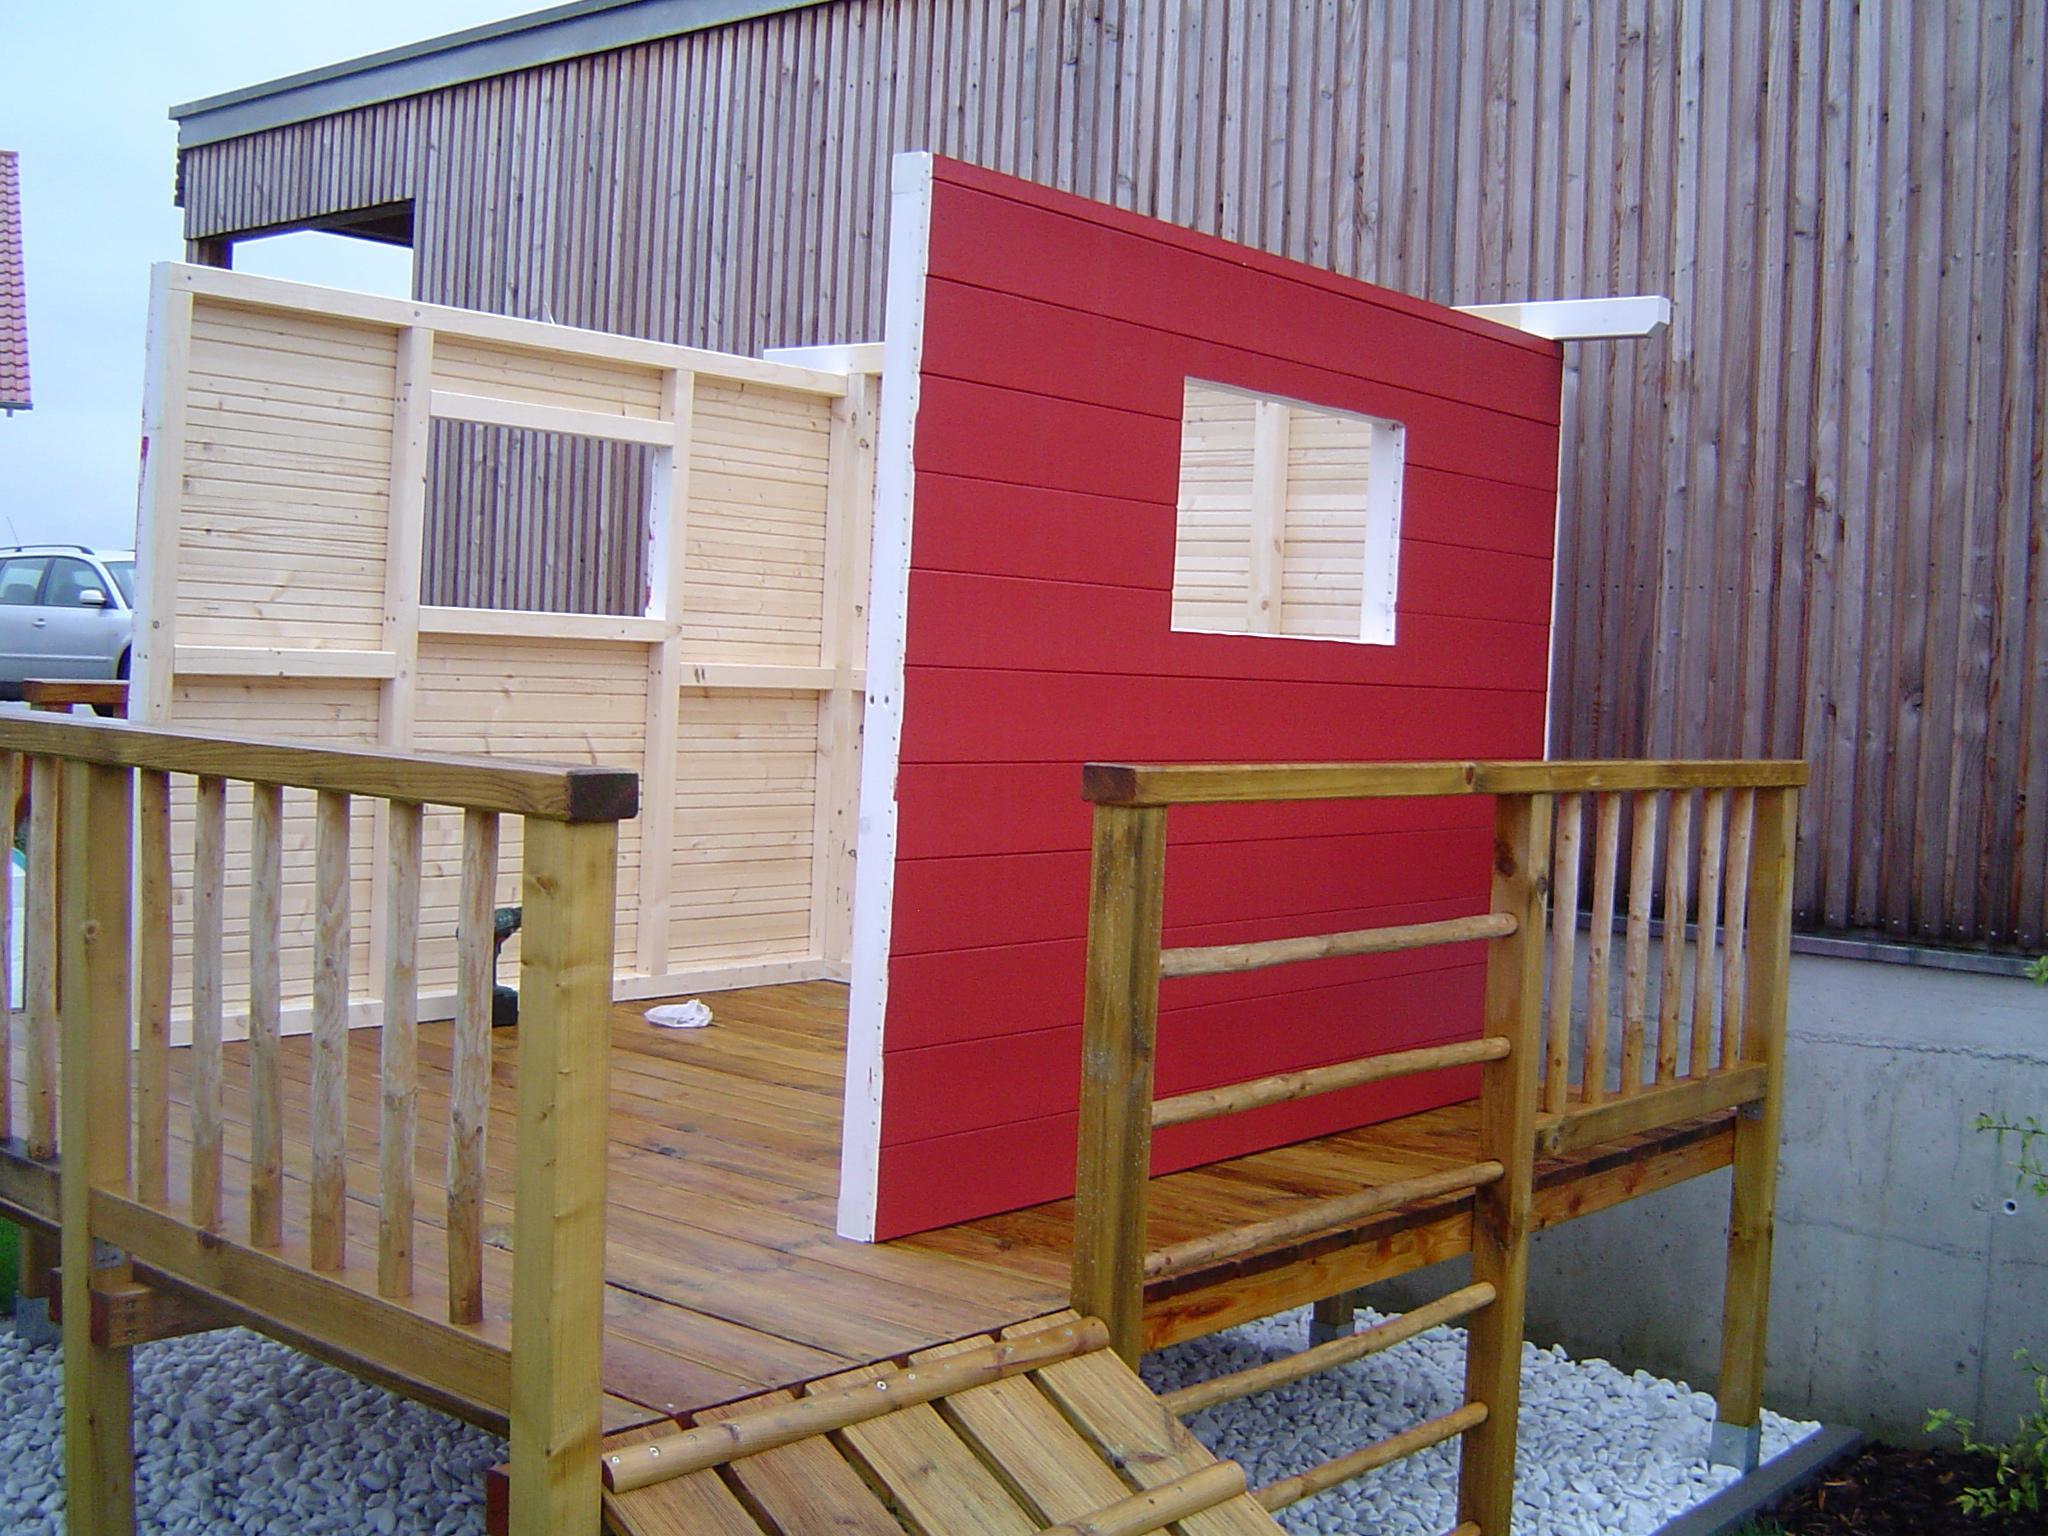 Extrem Spielhaus Alina - rolands-bauplaene Baupläne kostenlos FO55